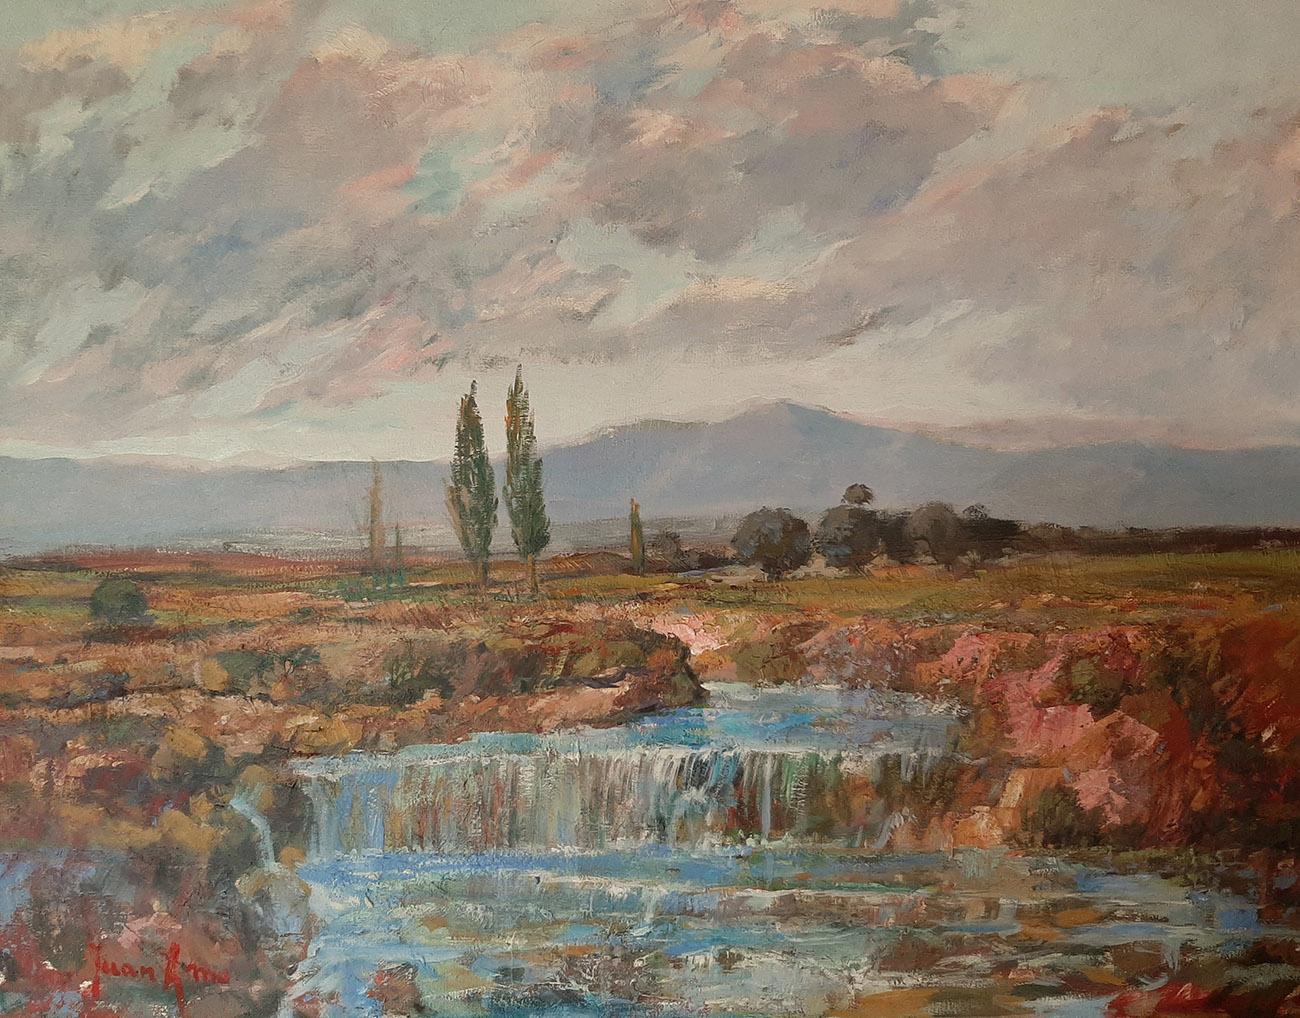 Juan Amo. (2000). Agua fresca del Río. Óleo - Lienzo. 54 x 73. Colección Privada.